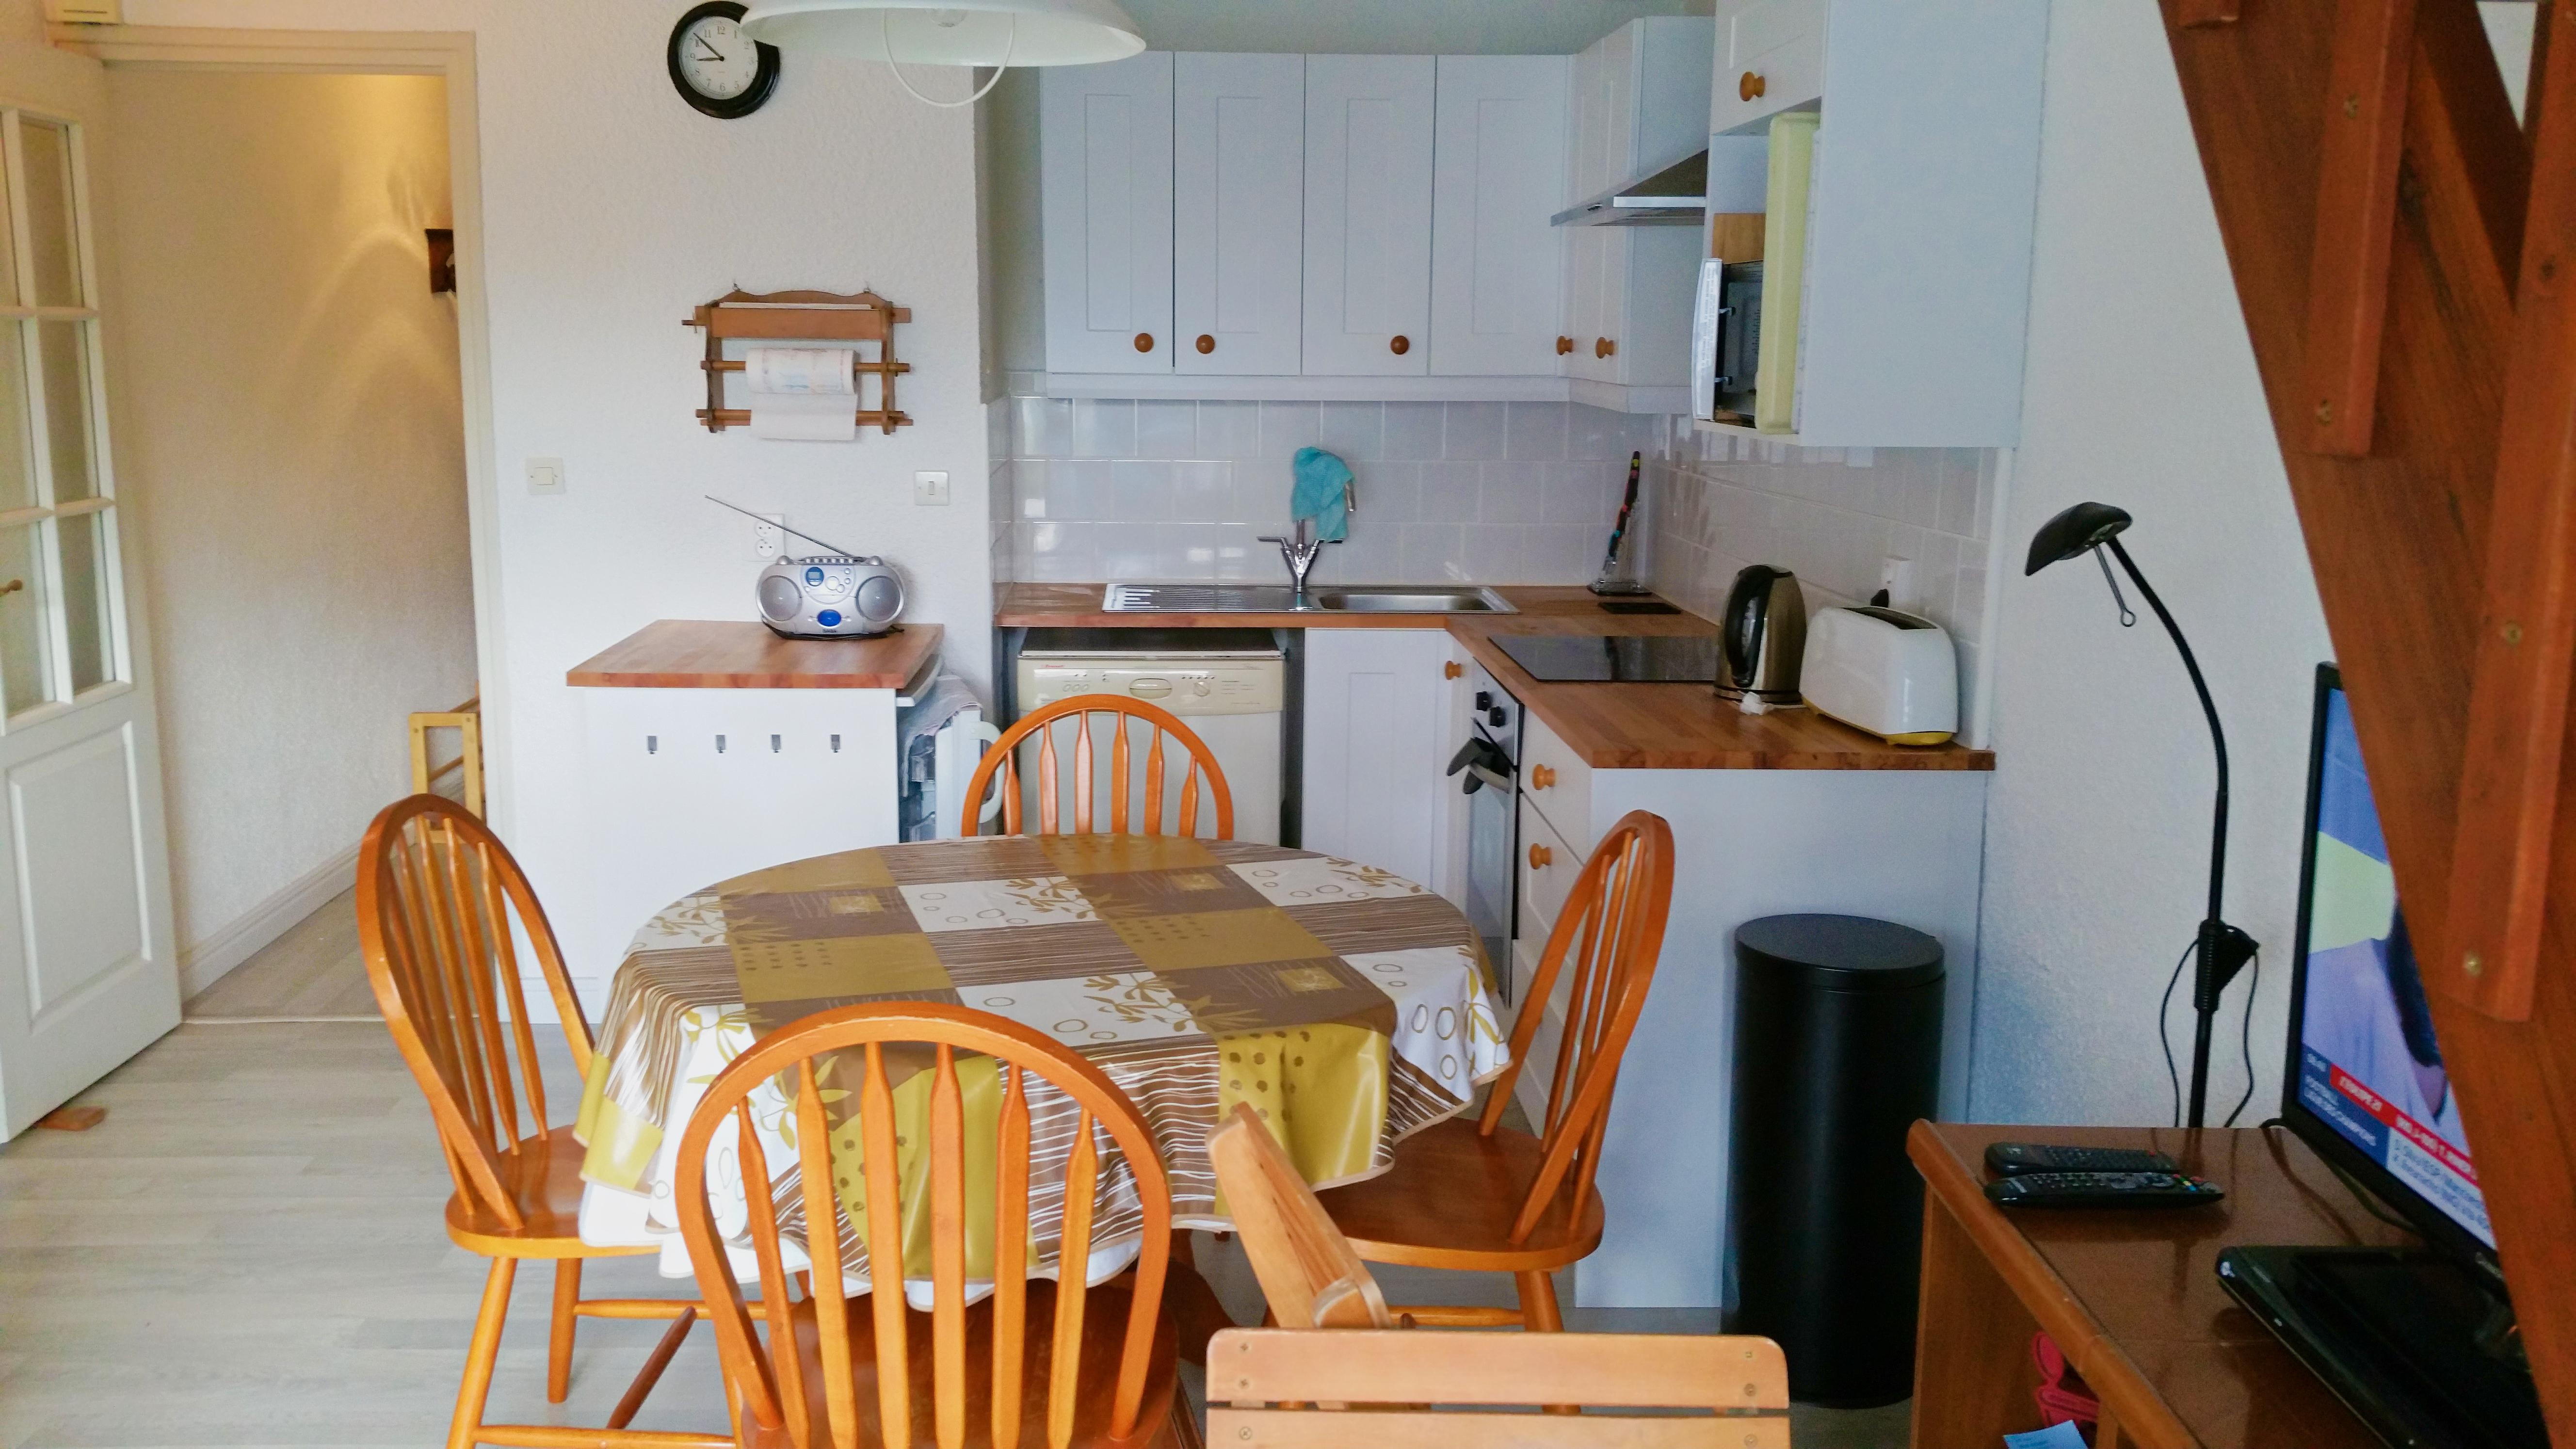 May Village Apartment Le Touquet - Kitchen